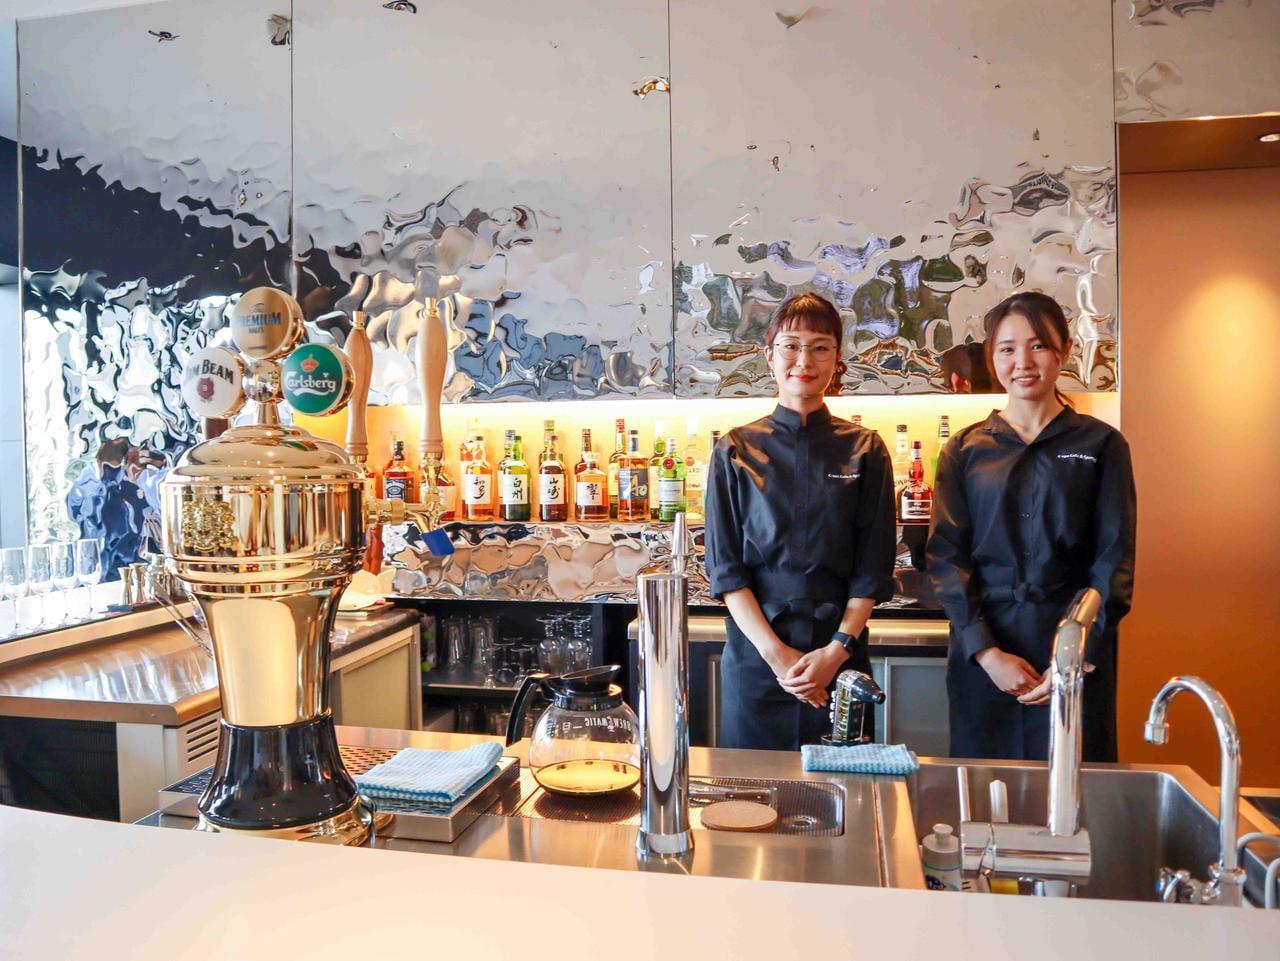 【新店】テラッソ姫路に「シーアップス カフェ & スポーツバー」が7月オープン!